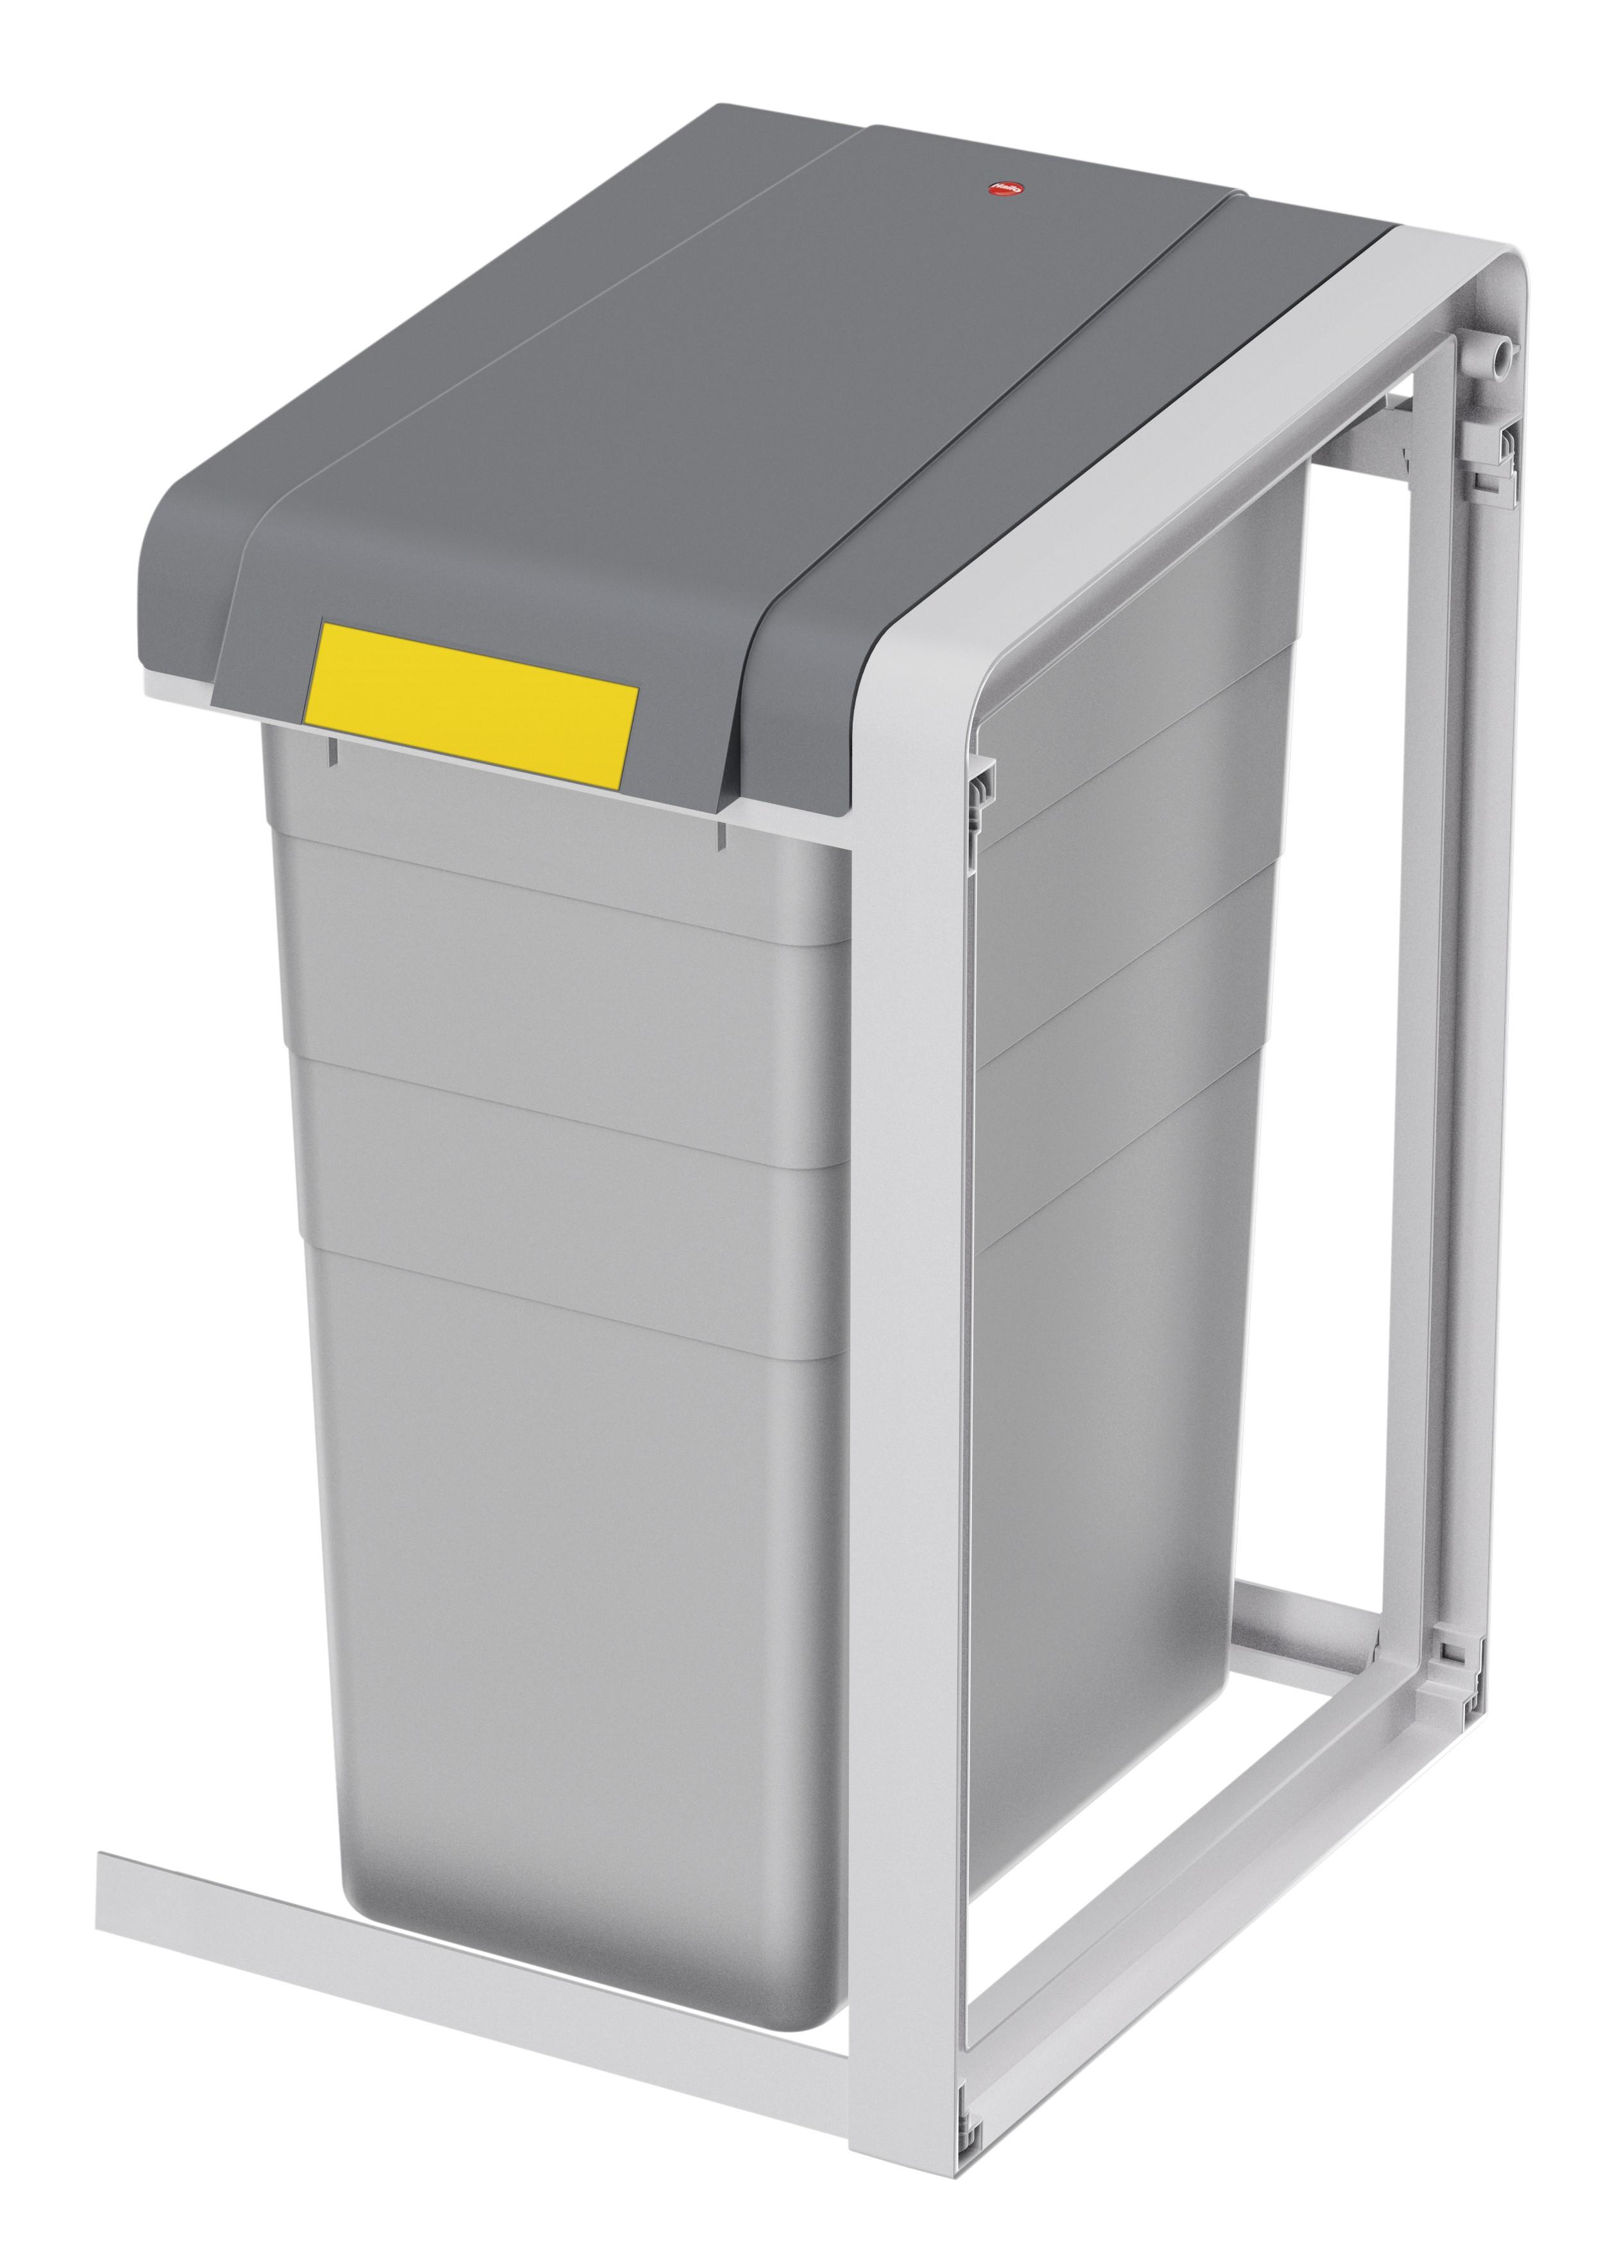 Hailo ProfiLine Öko XL, Erweiterungseinheit, Mülltrenn-System, 38 Liter